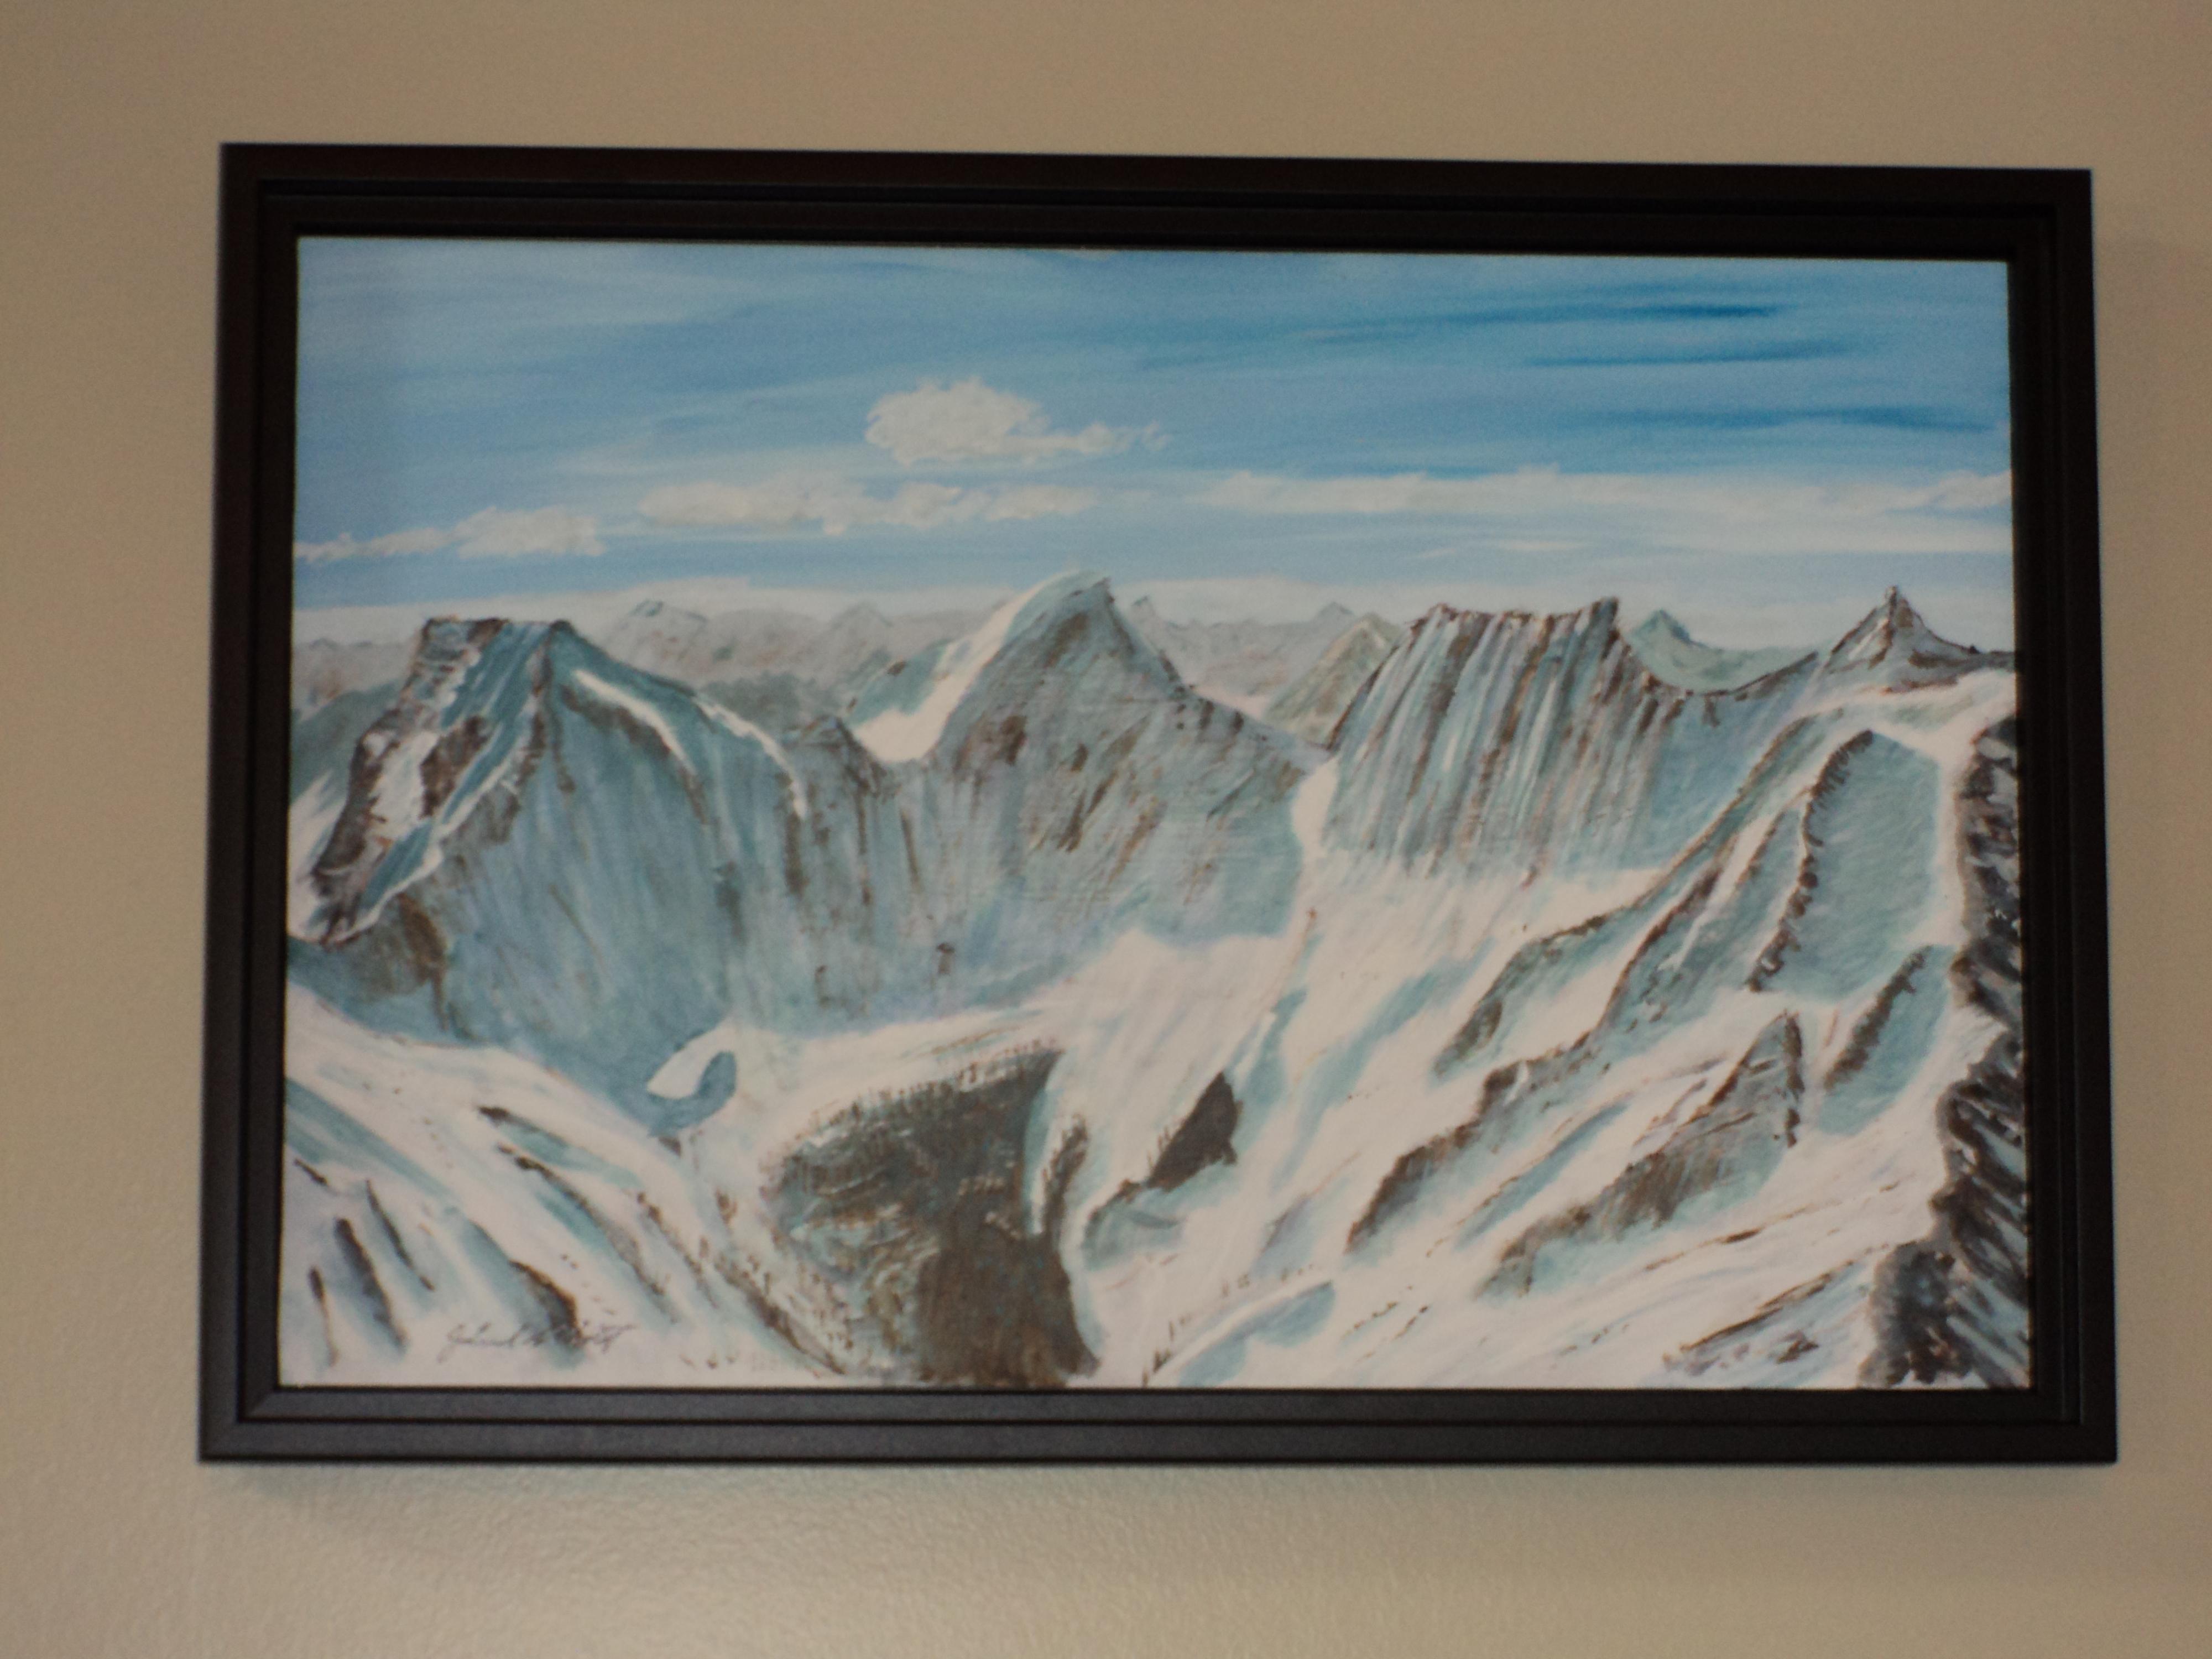 Glacier Acrylic 12 X 18 inches $375 | Abbott Fine Art